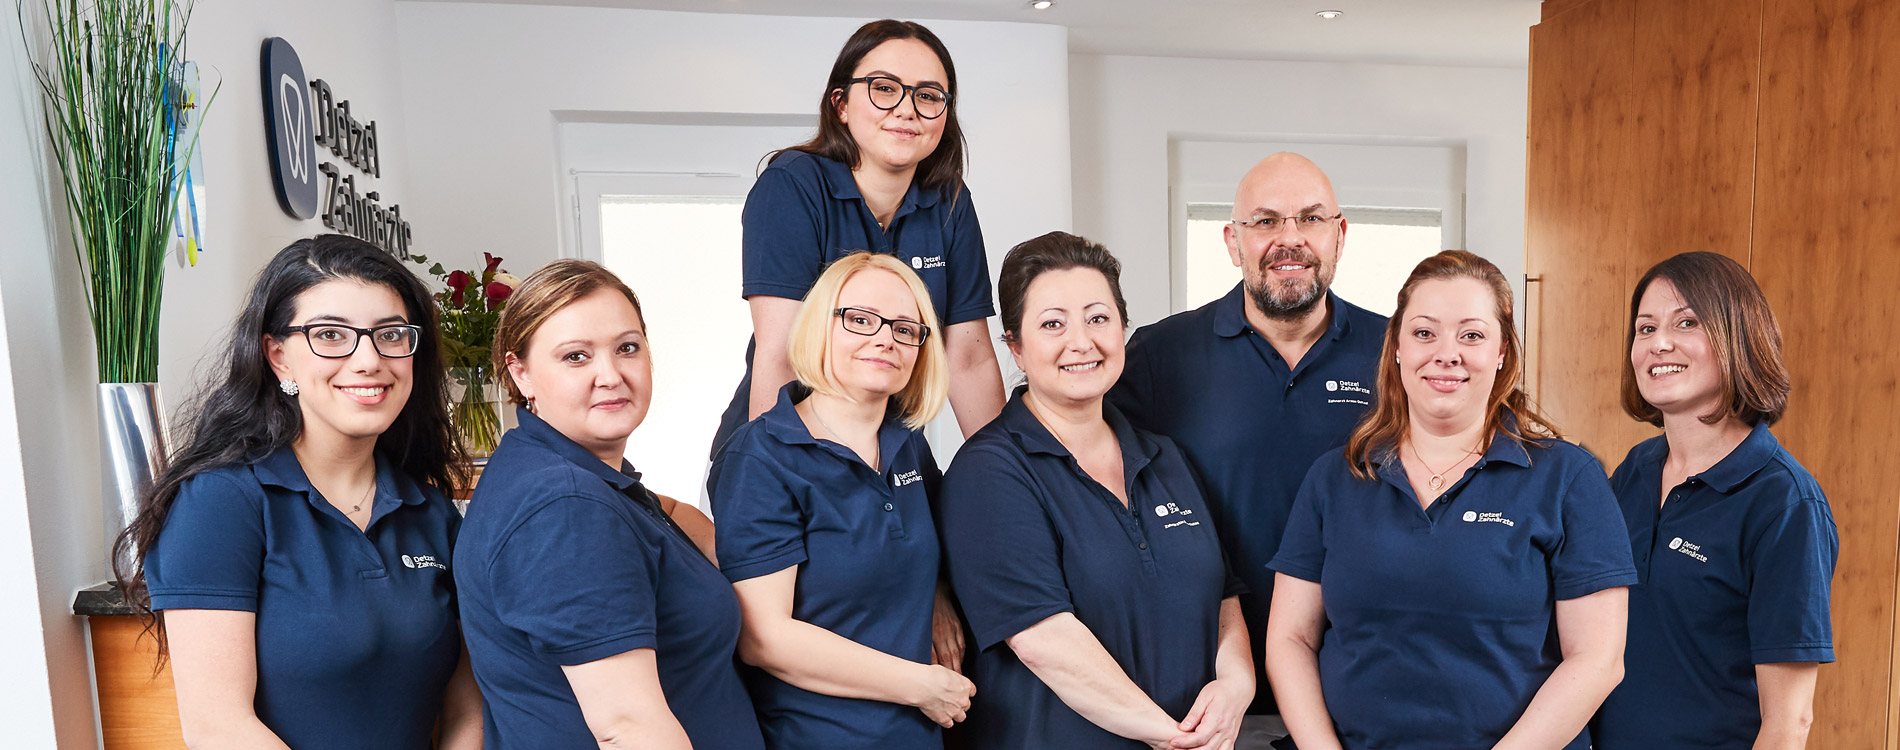 Zahnarztpraxis Detzel – Ihre Zahnärzte in Weingarten! - Team 1